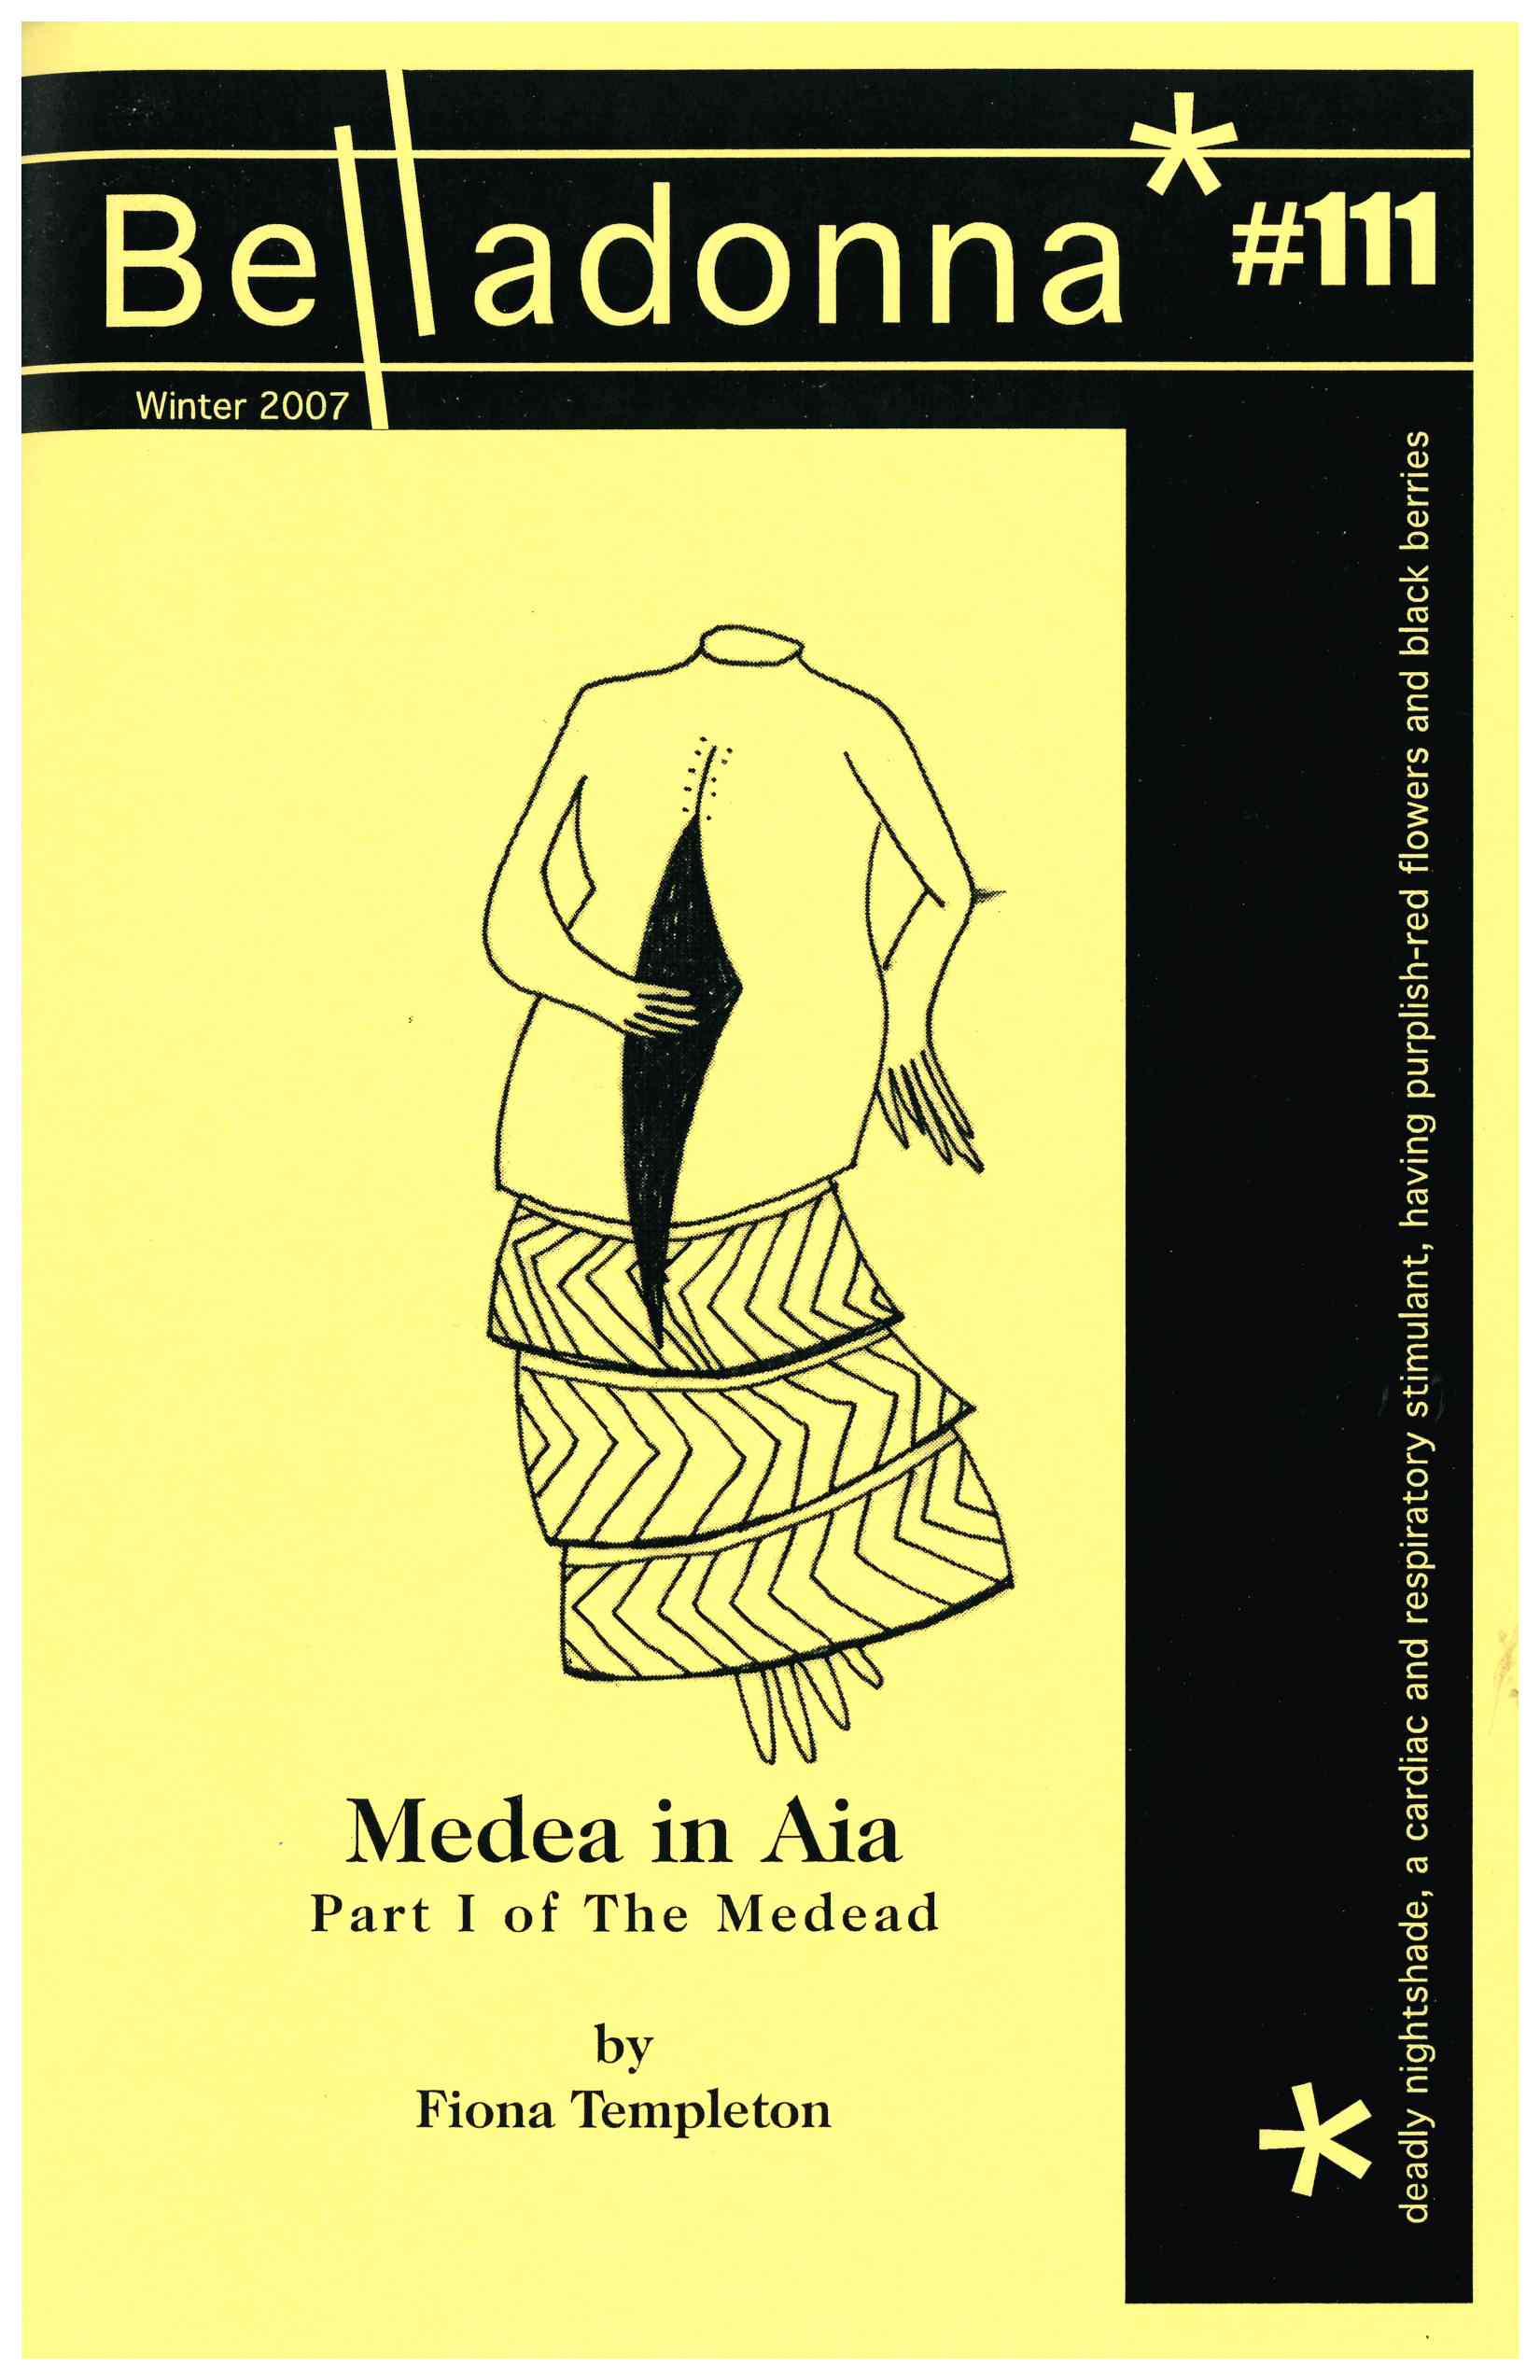 Belladonna* Series, 2007